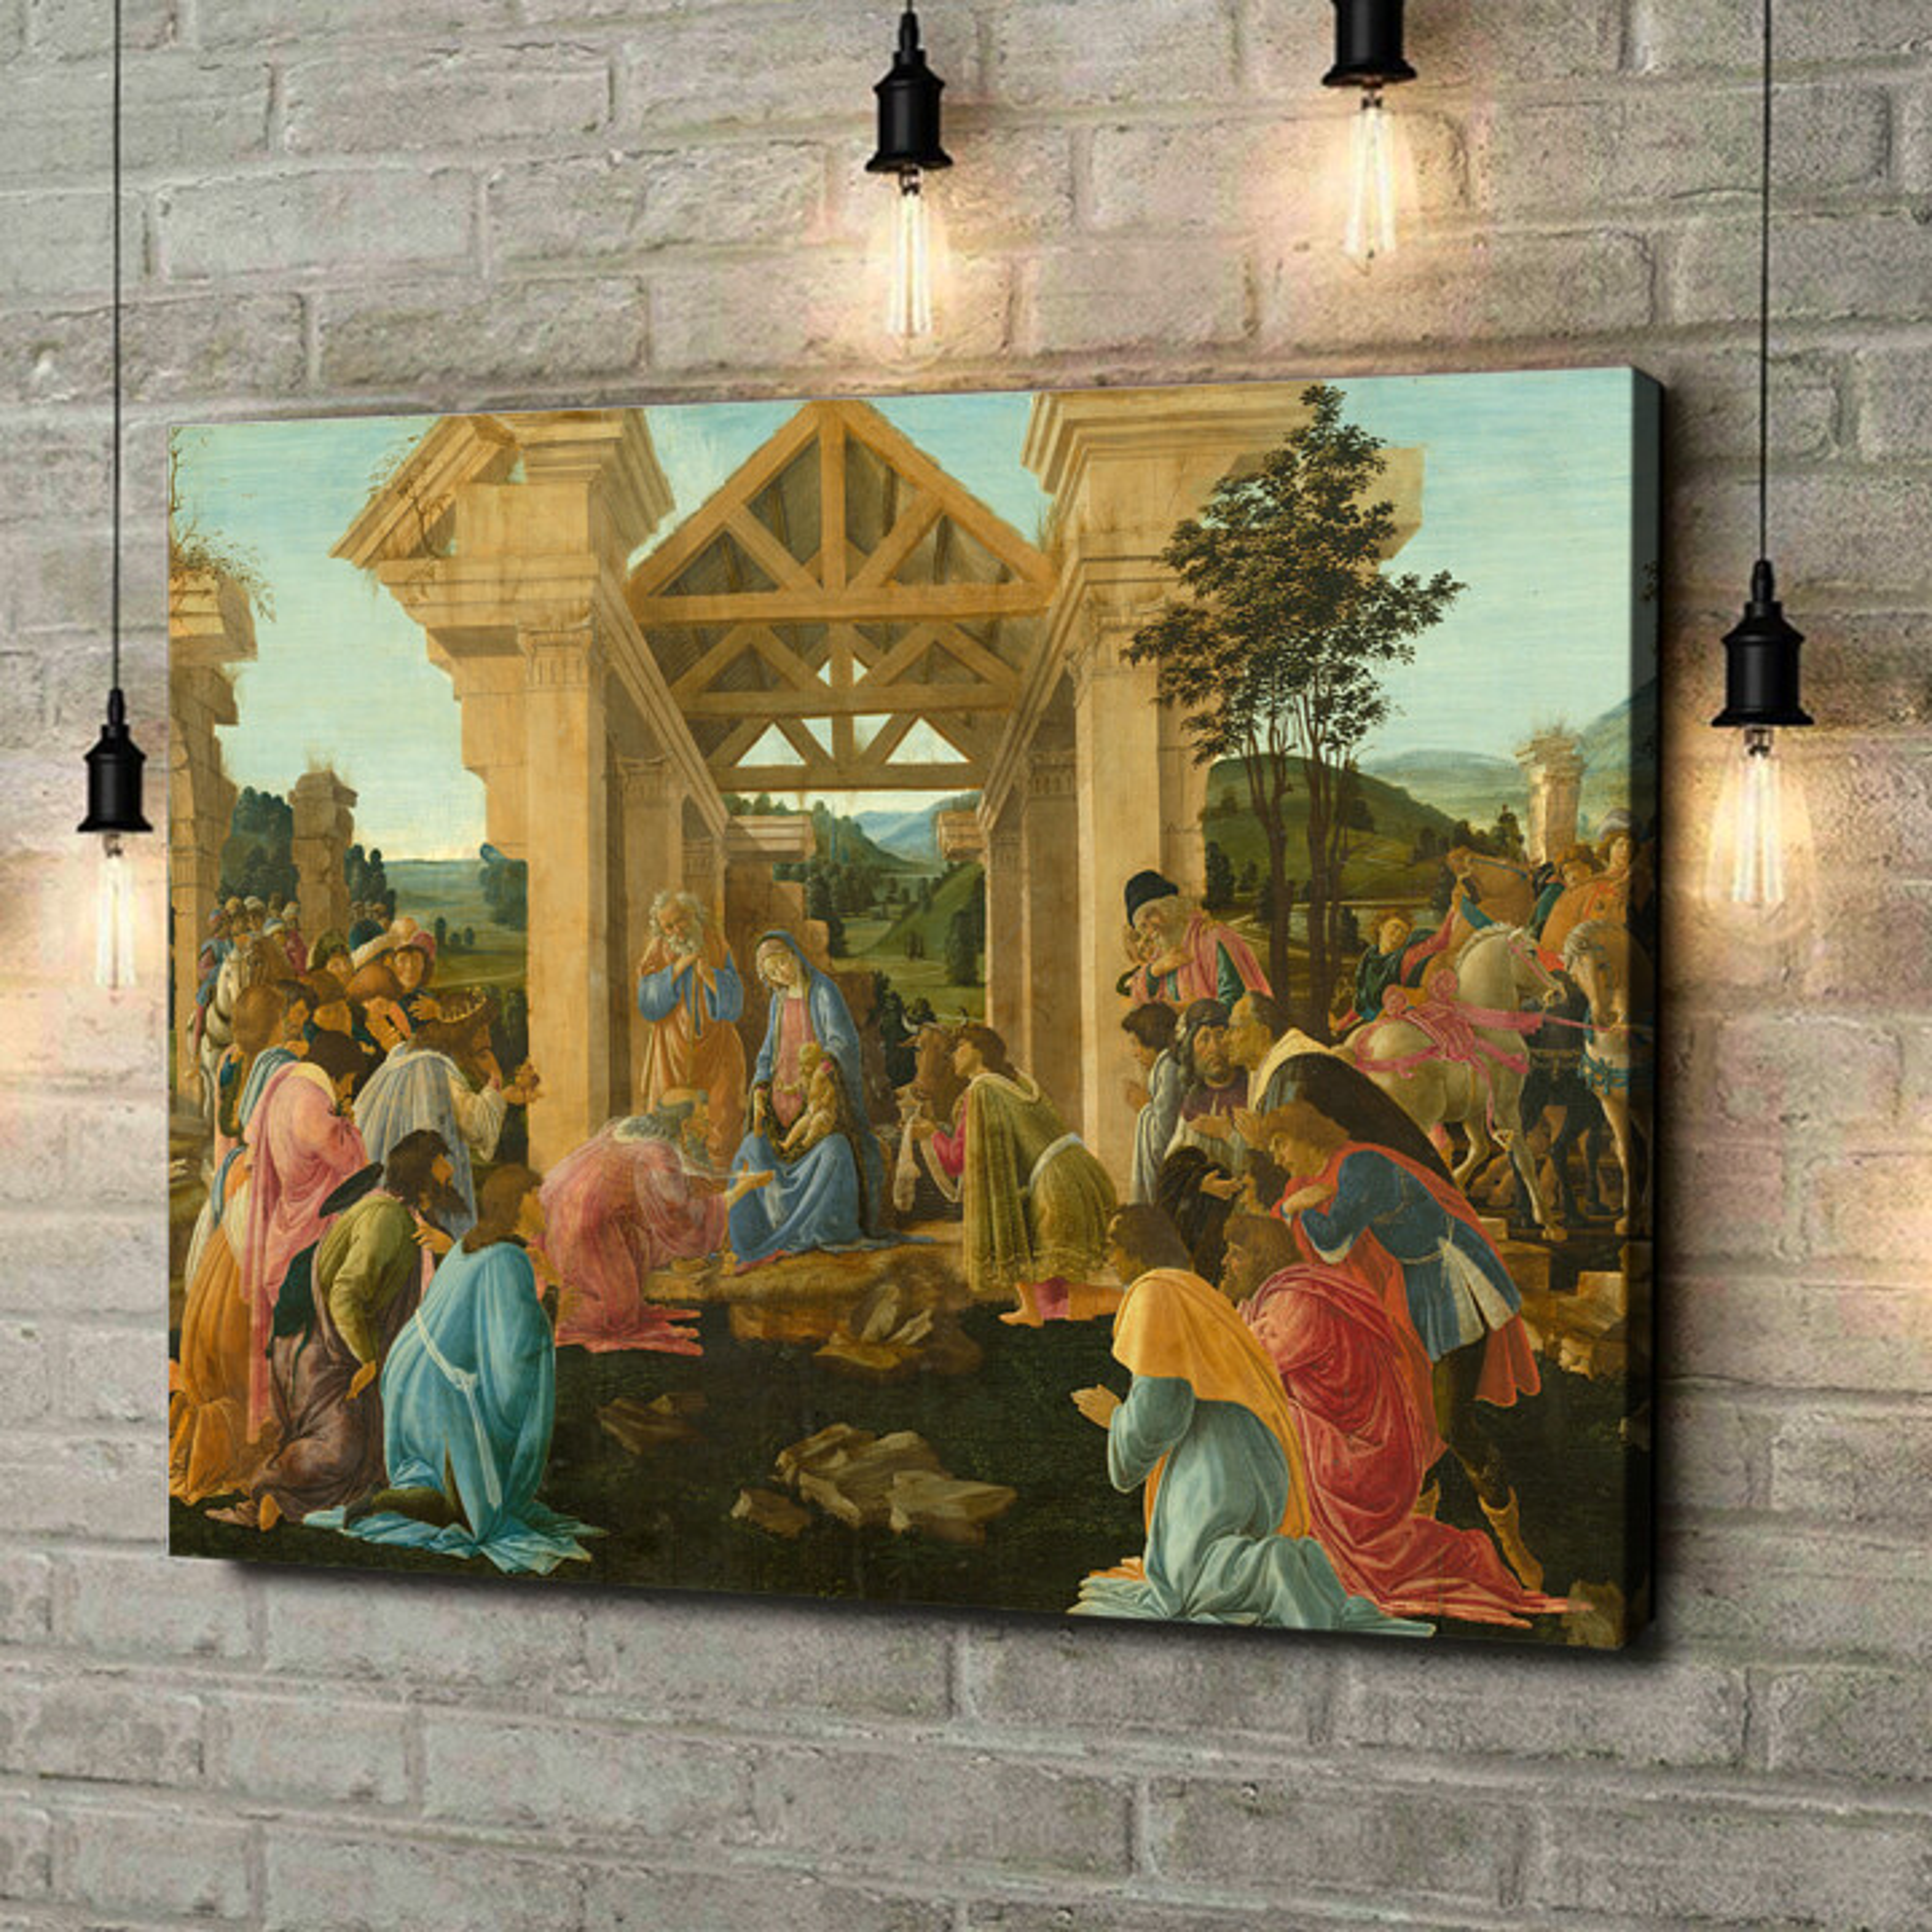 Leinwandbild personalisiert Anbetung der Heiligen drei Könige